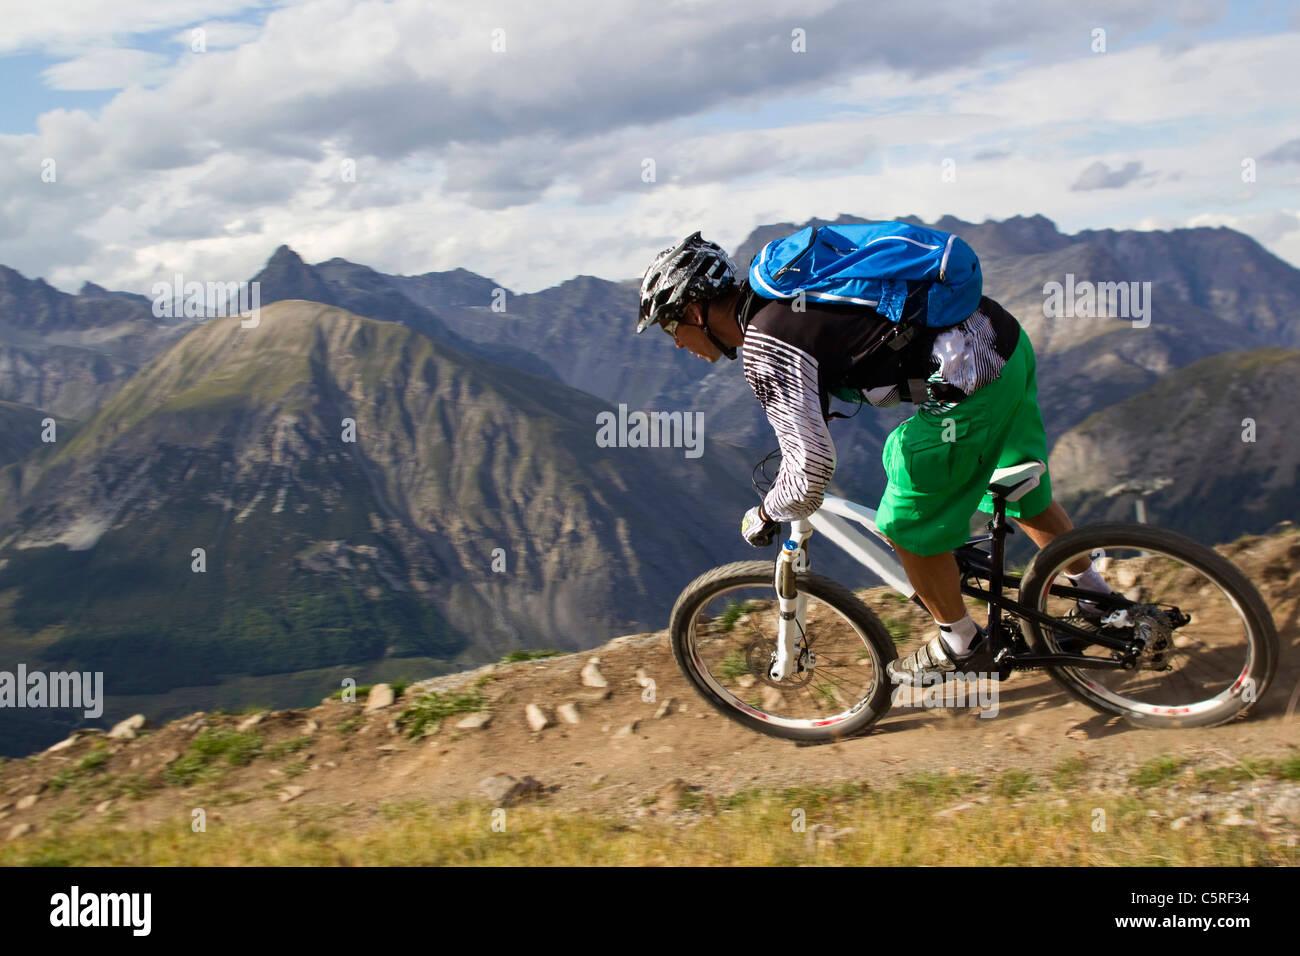 L'Italie, Livigno, vue de l'homme équitation vtt descente Photo Stock